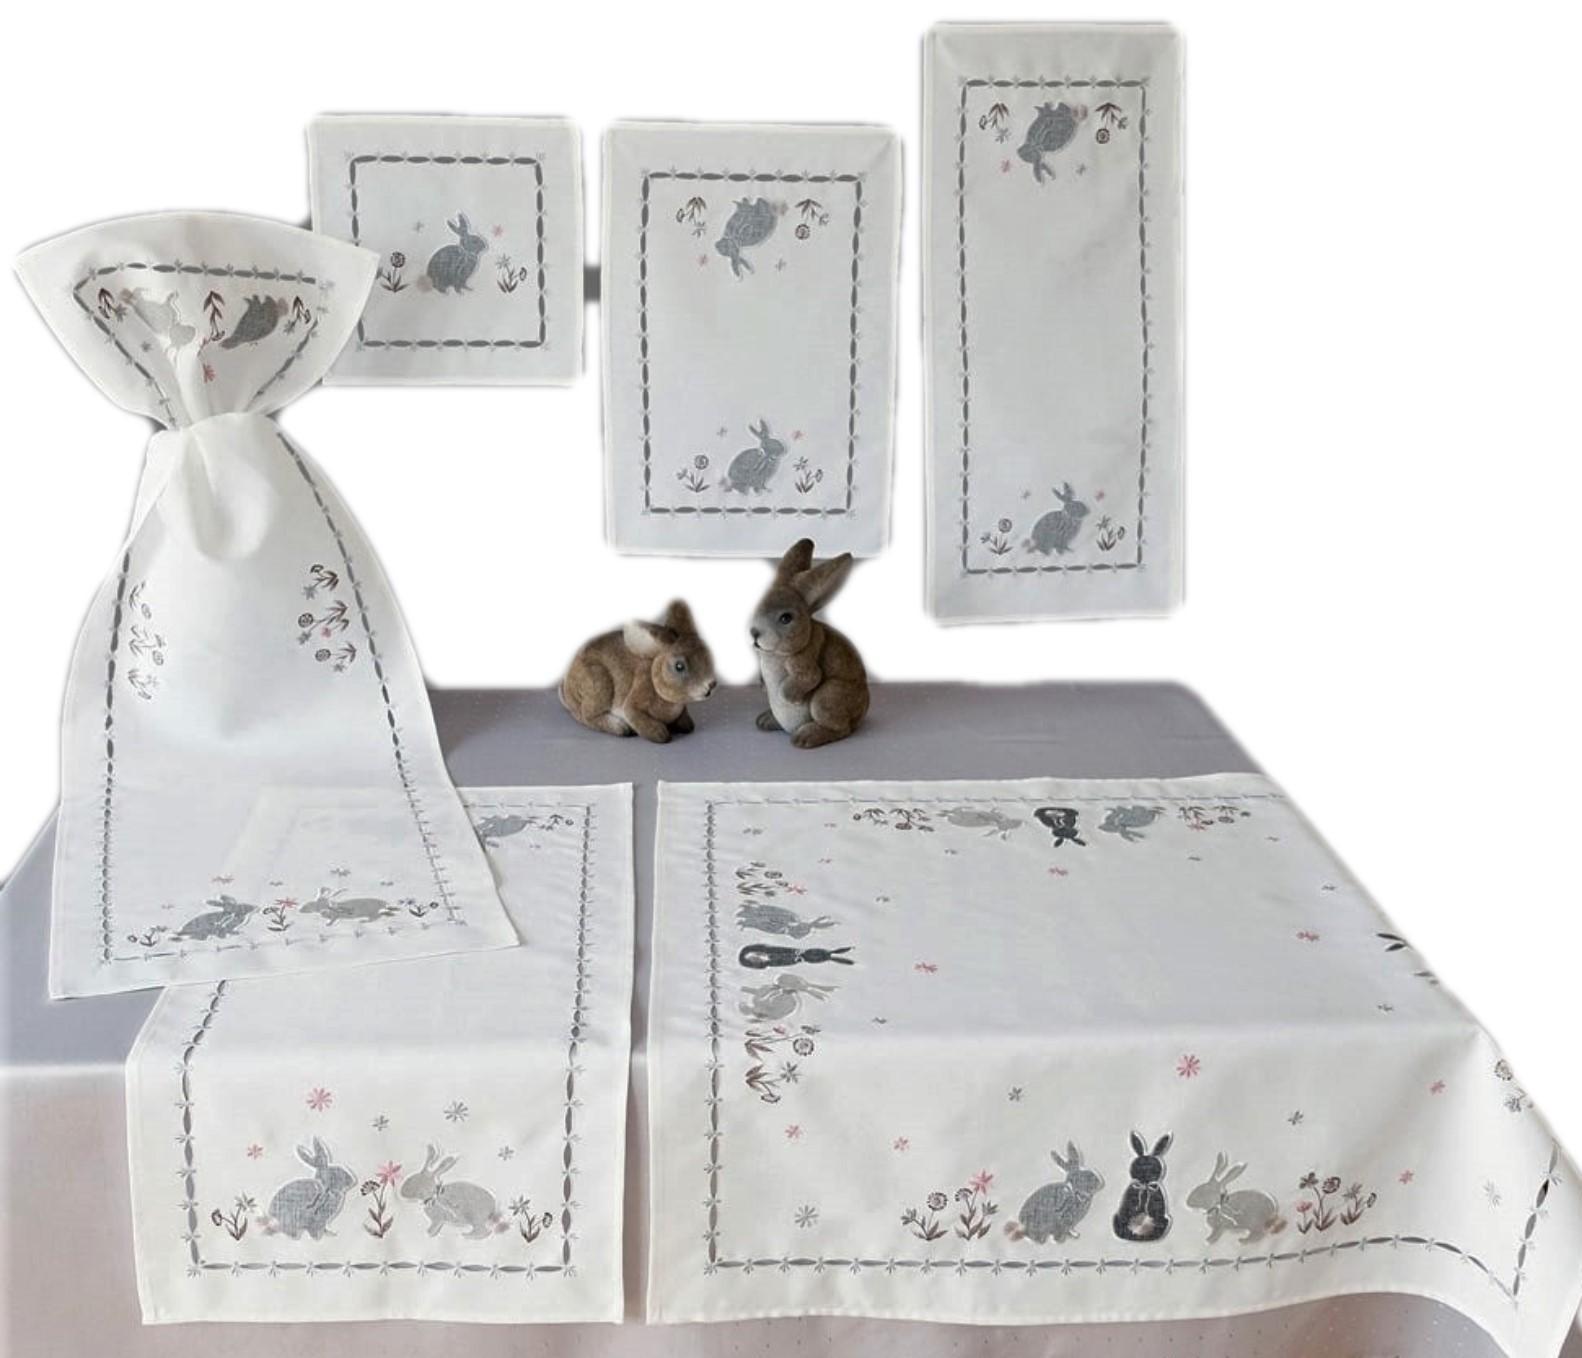 Mitteldecke Ostern Wollweiß Hühner Tischläufer Stickerei in Grau Tischdecke